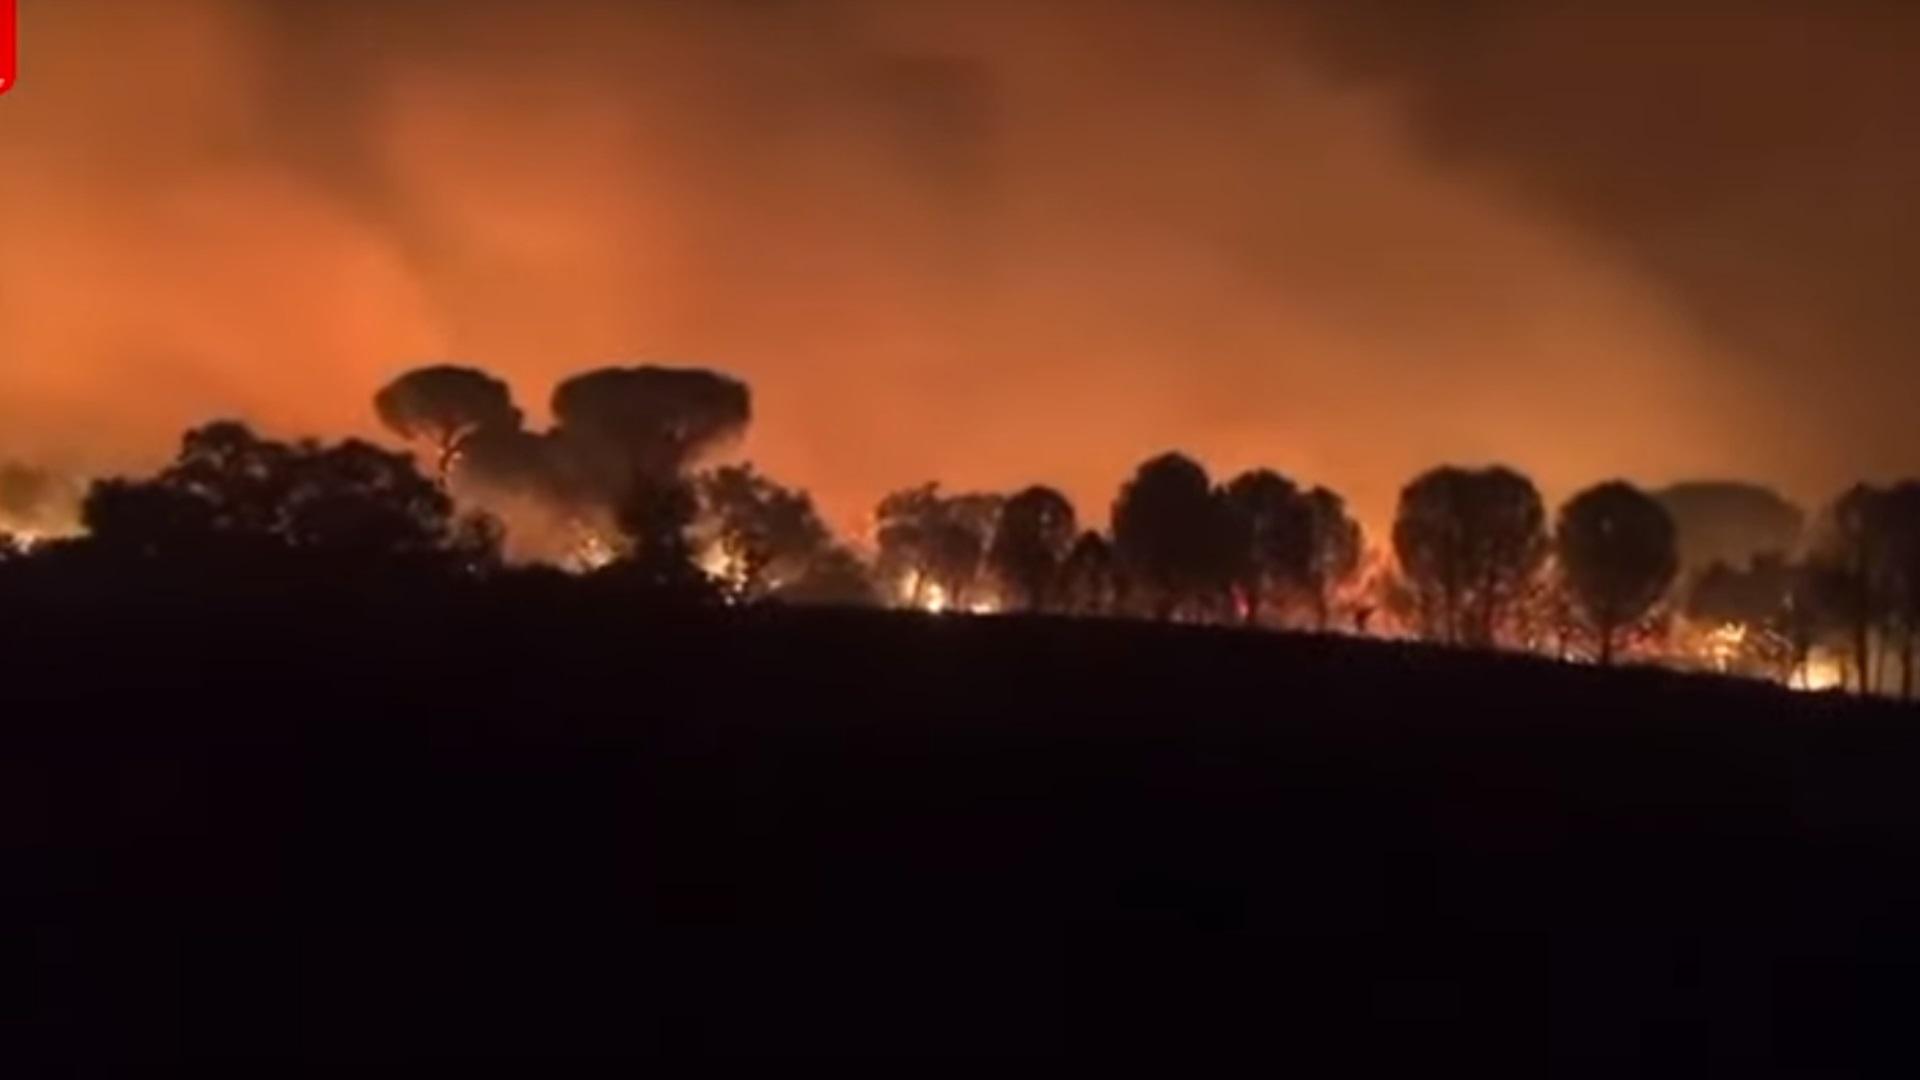 Γαλλία: Καίει για πέμπτη ημέρα η πυρκαγιά στην Κυανή Ακτή – Καλύτερη η σημερινή εικόνα